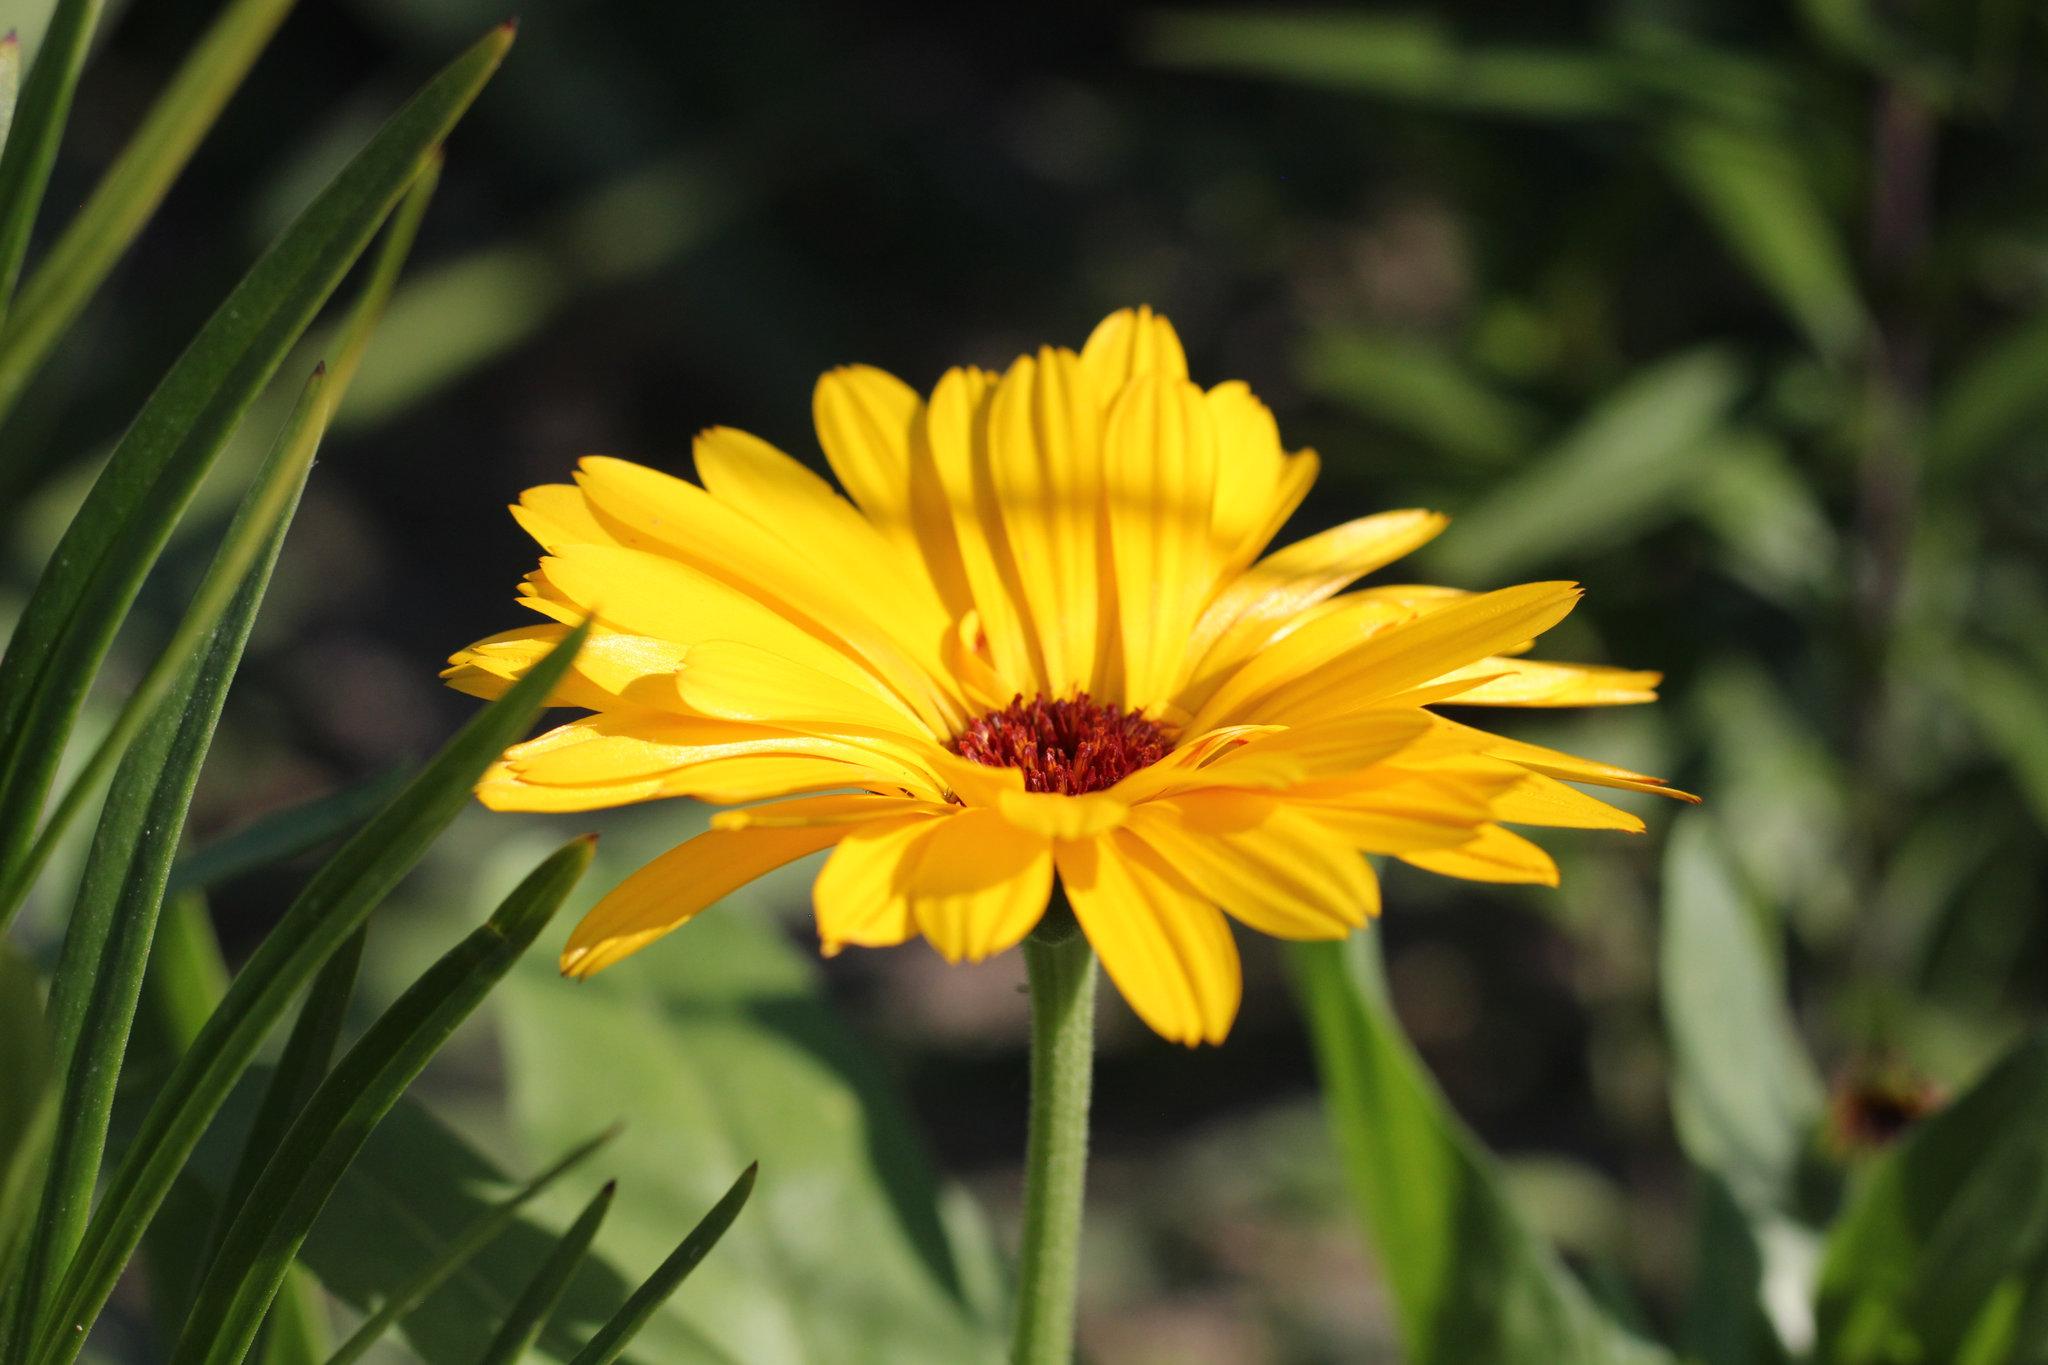 Wiosenny Kwiat Krzyzowka